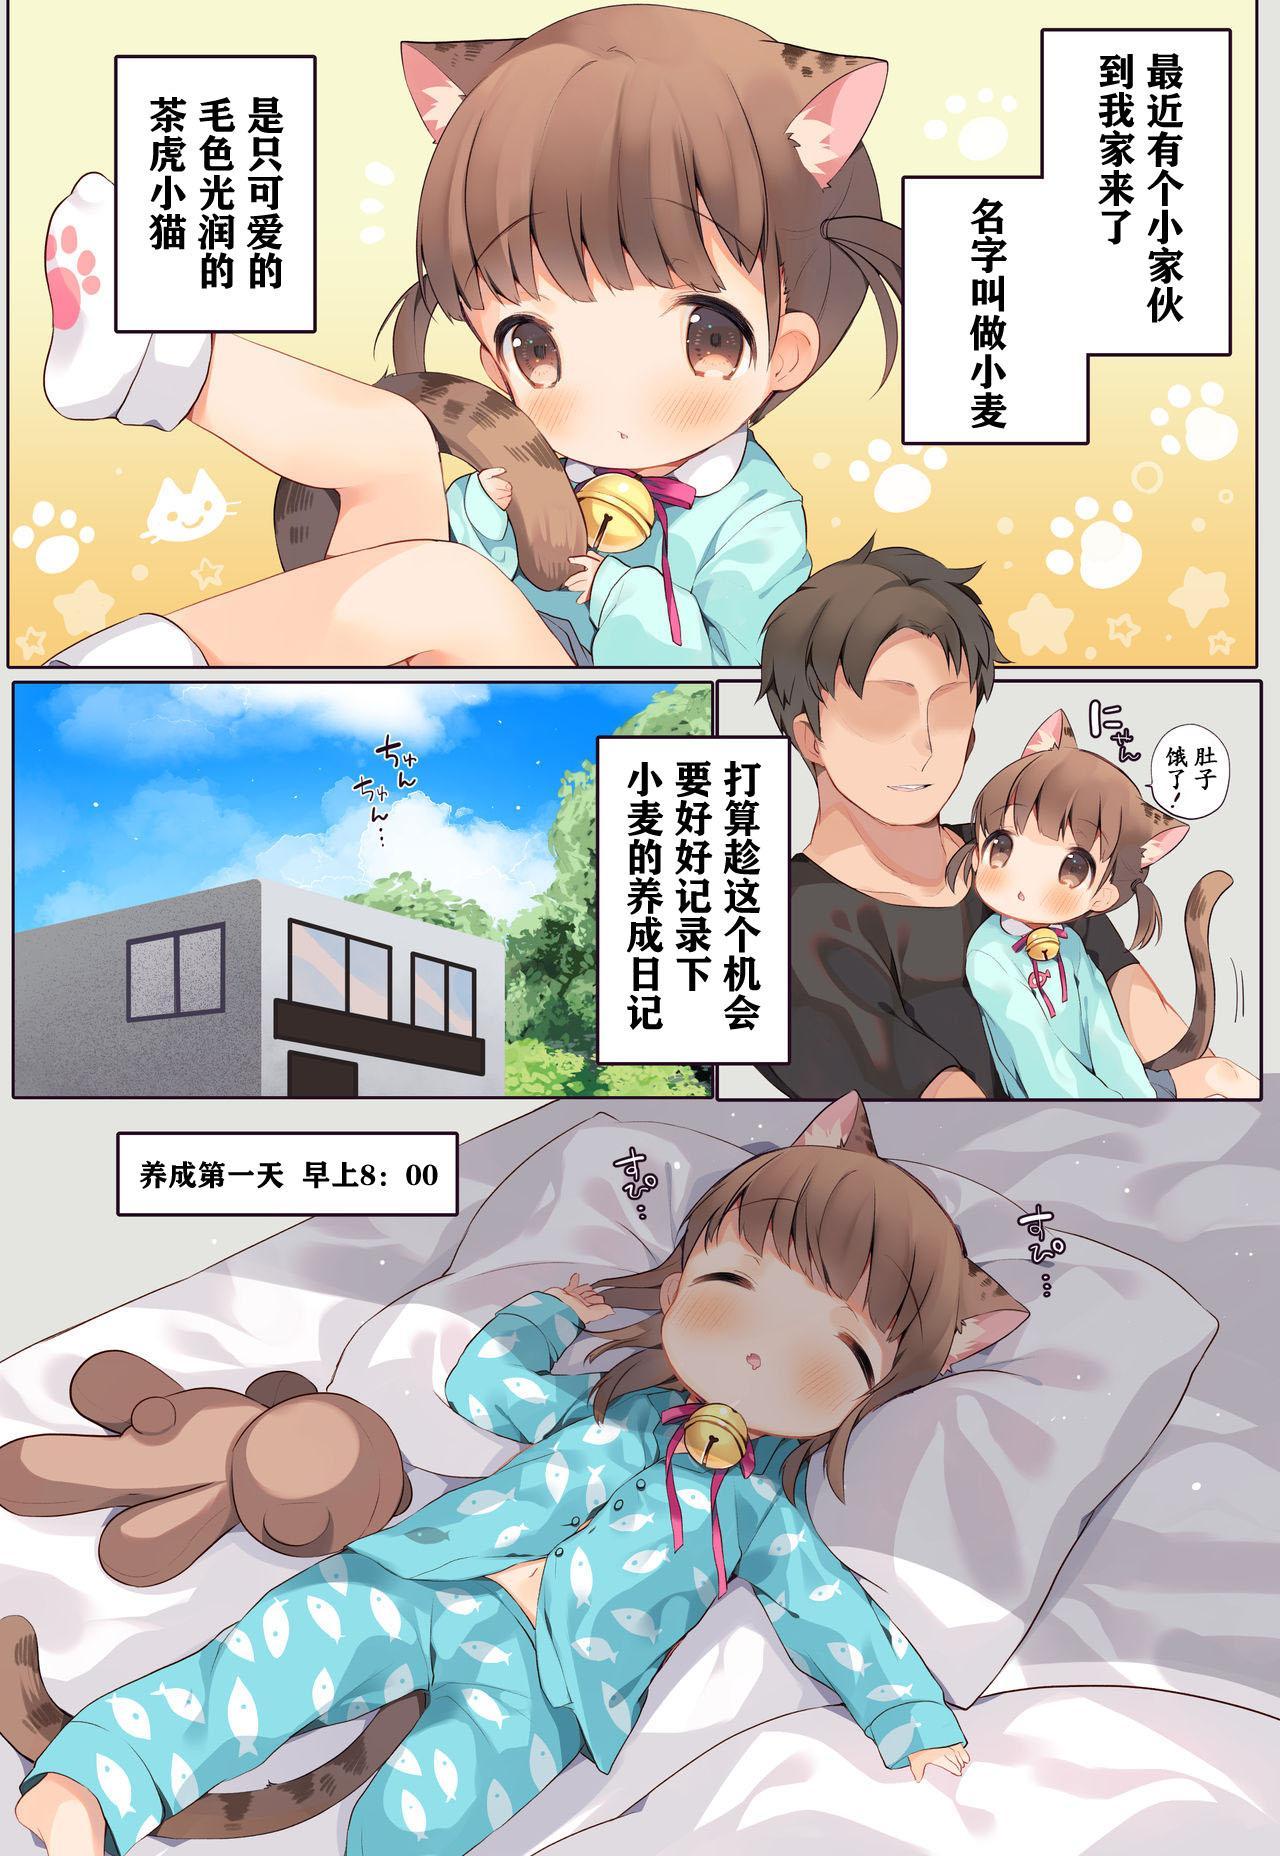 Nyanko Ikusei Nikki Sono 1 3